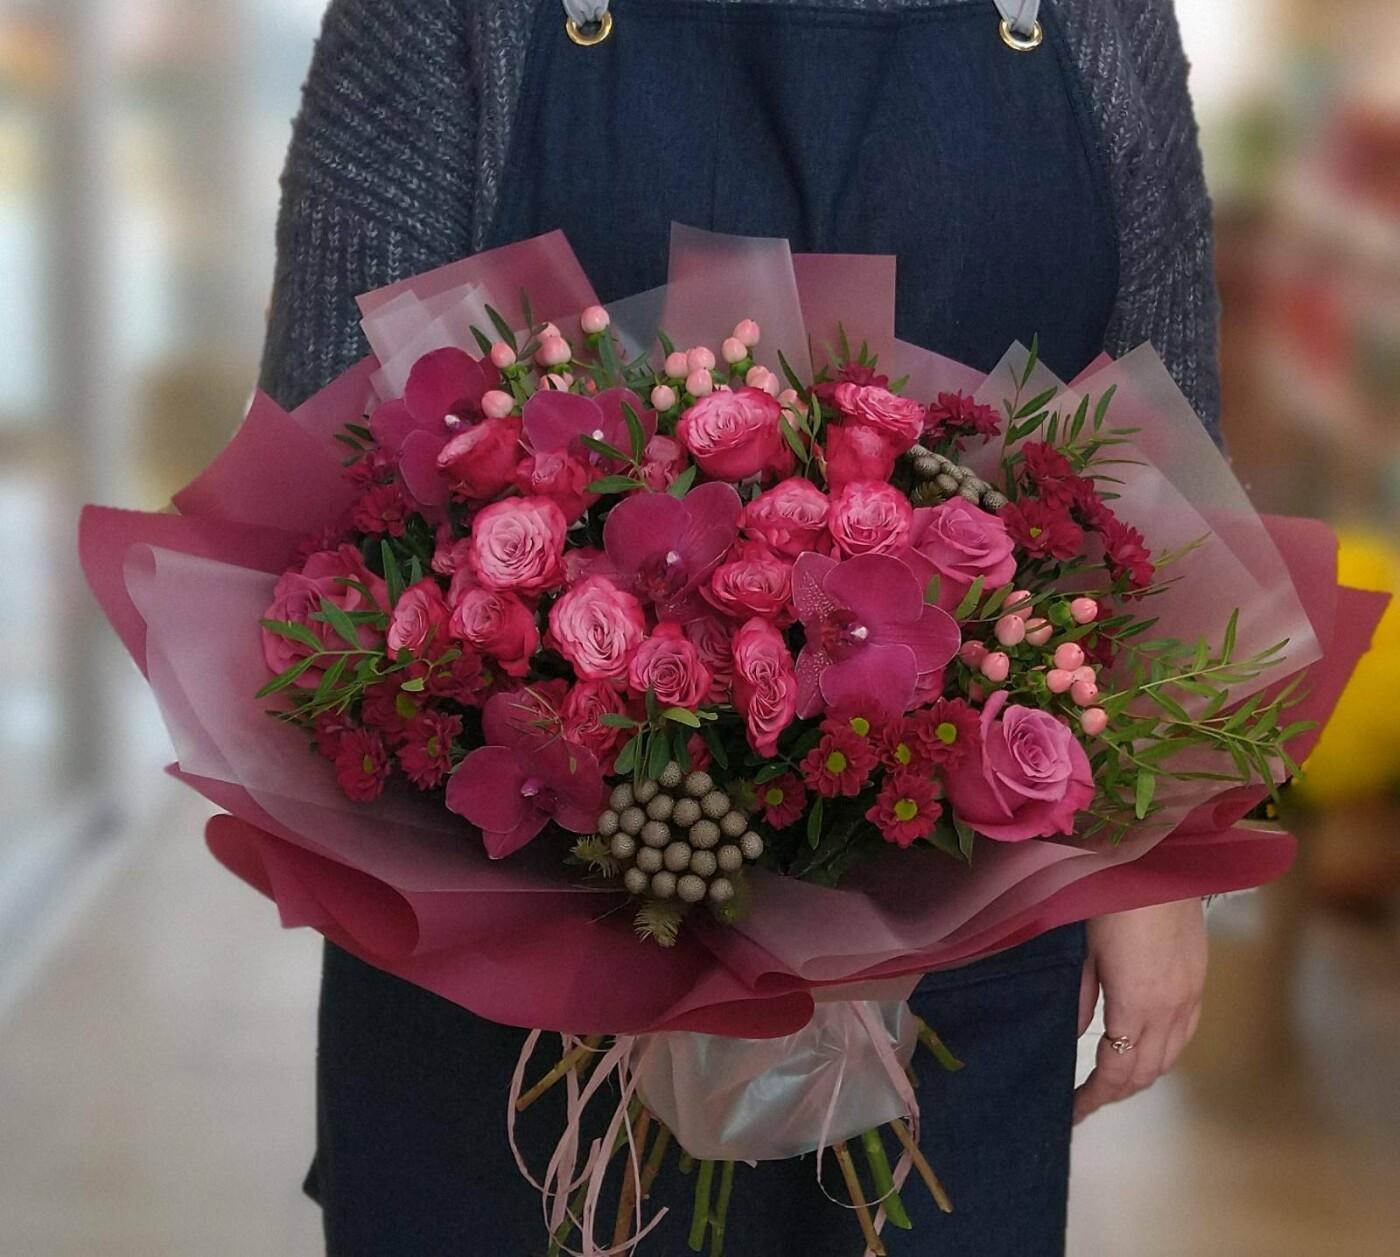 Подборка подарков на 8 марта от сайта 06153.сom.ua, фото-159